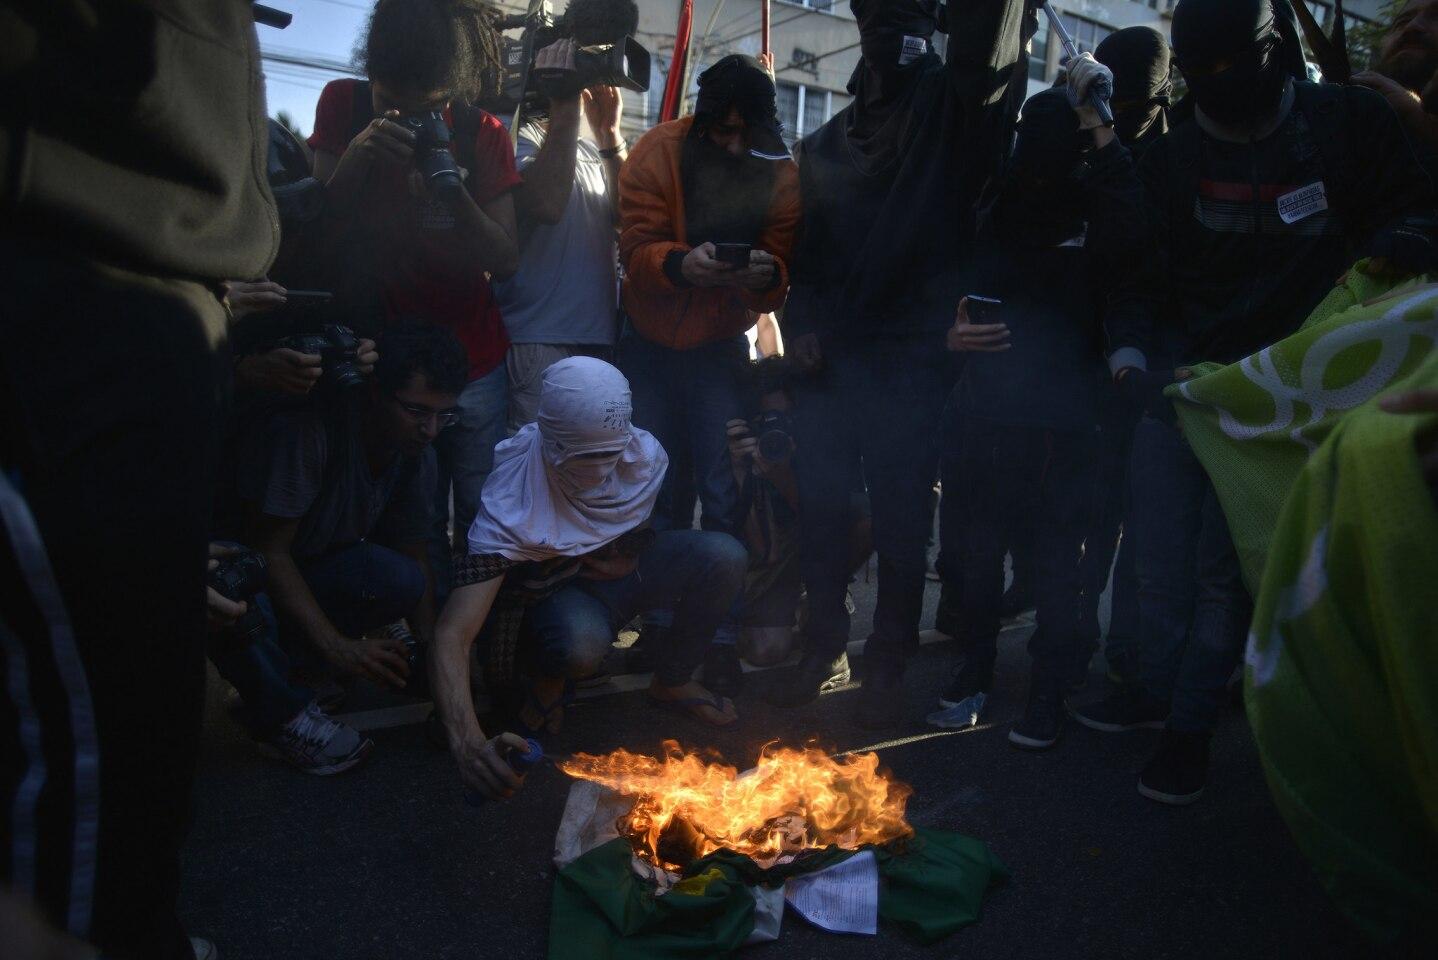 Río 2016: Protestas en inauguración